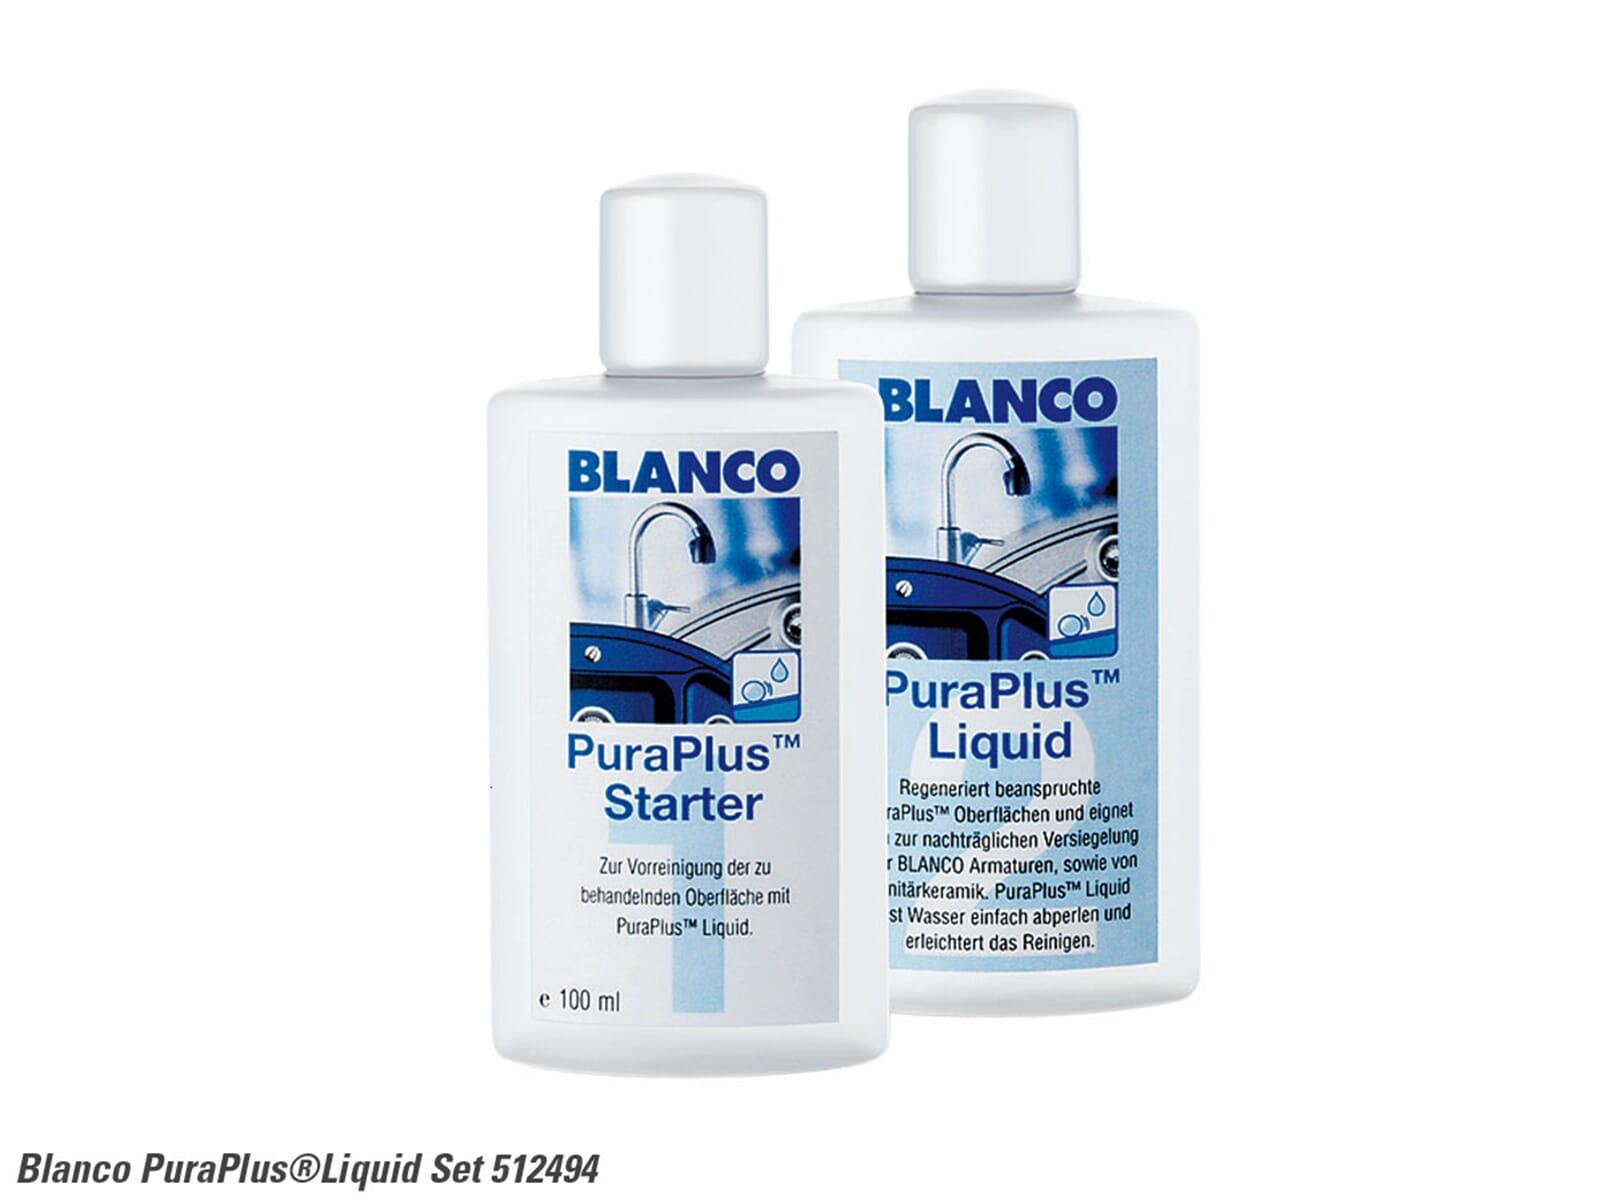 Blanco 512 494 PuraPlus® Liquid Set